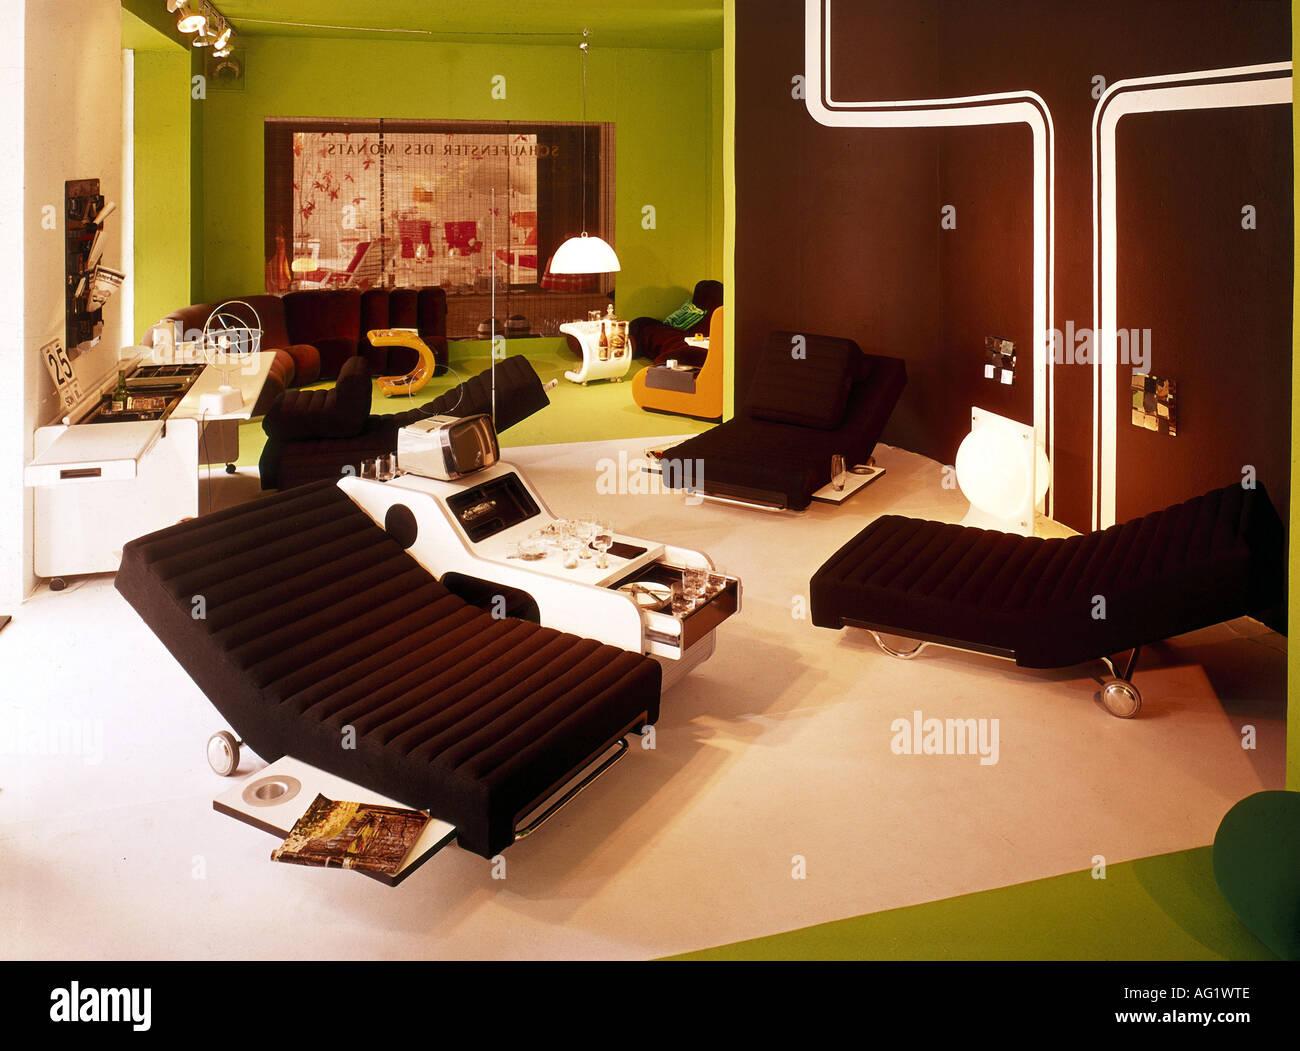 Einrichtung, Wohnzimmer, Sessel, Stuhl, tv, Hausbar, Tisch ...